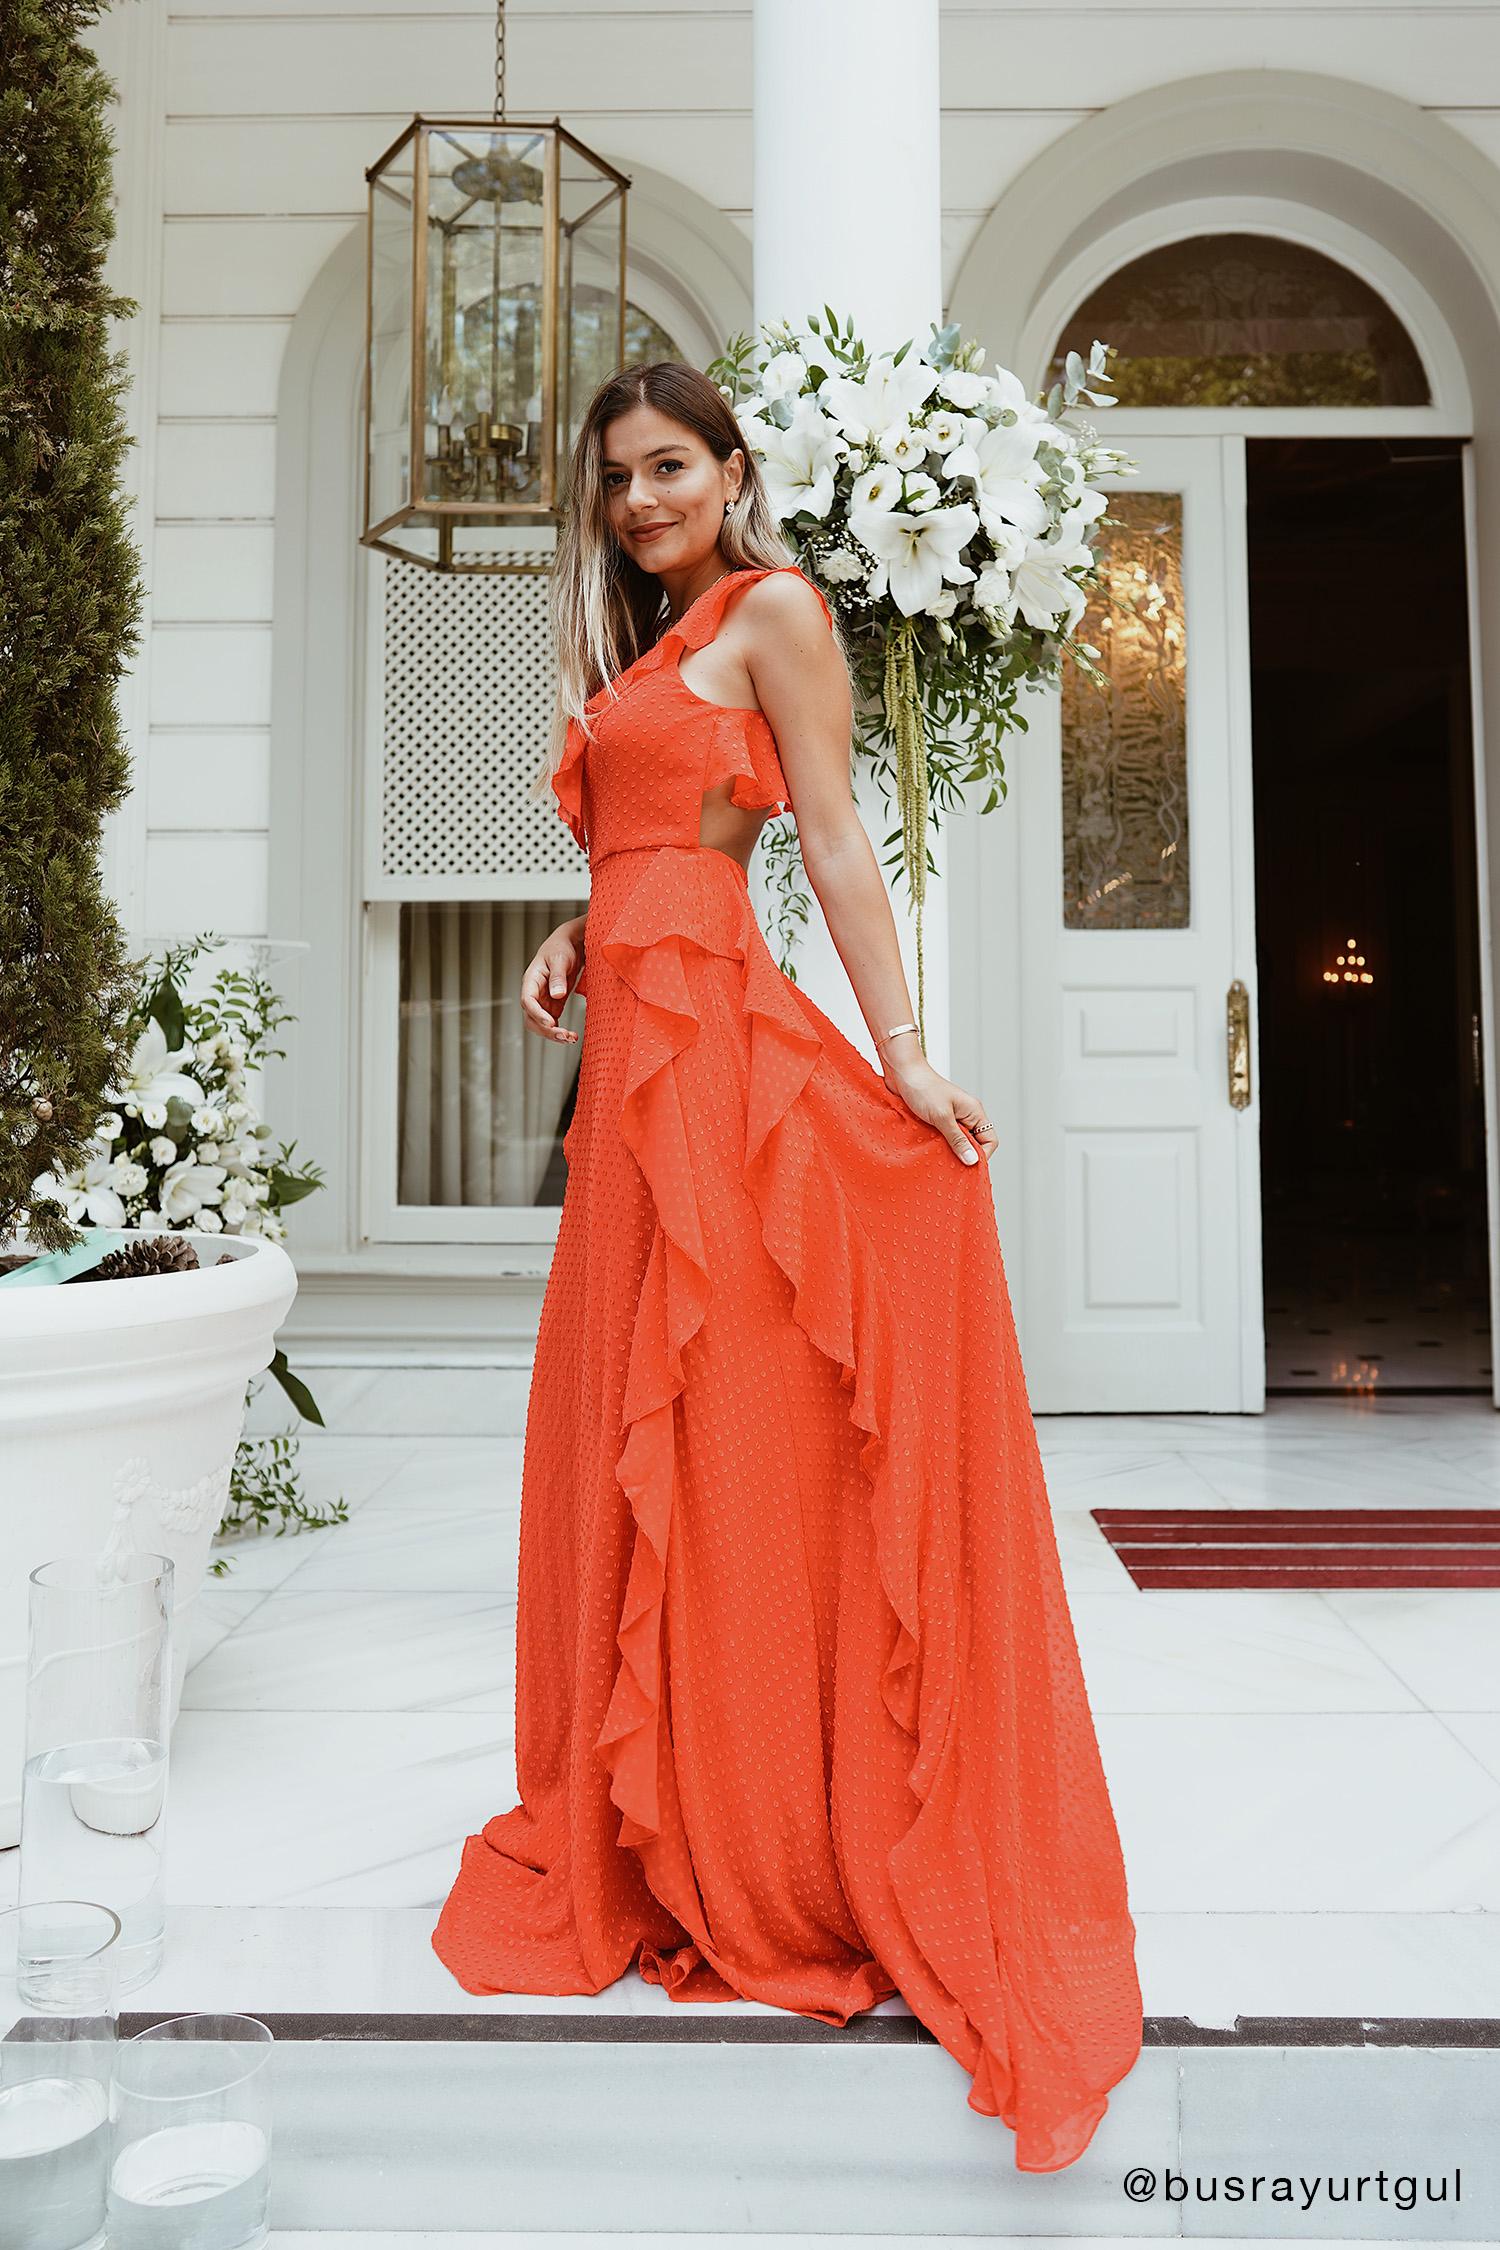 Kırmızı Askılı Fırfırlı Sırt Dekolteli Şifon Abiye Elbise - Thumbnail